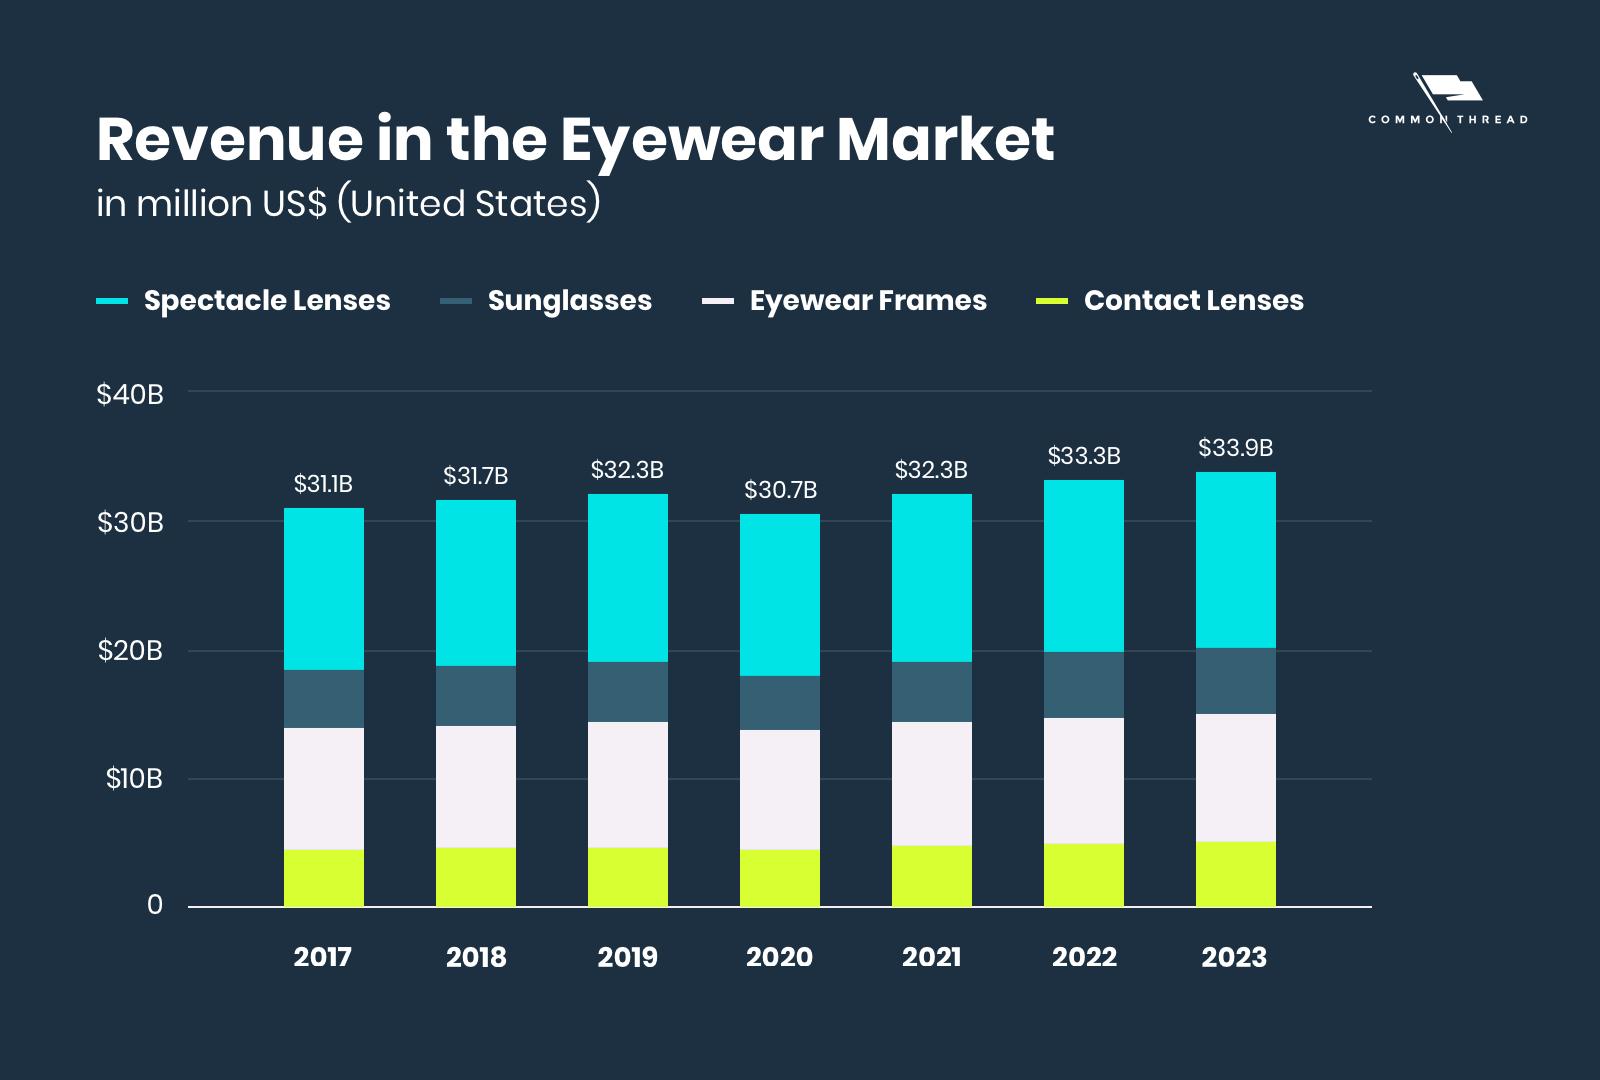 Revenue in the eyewear market